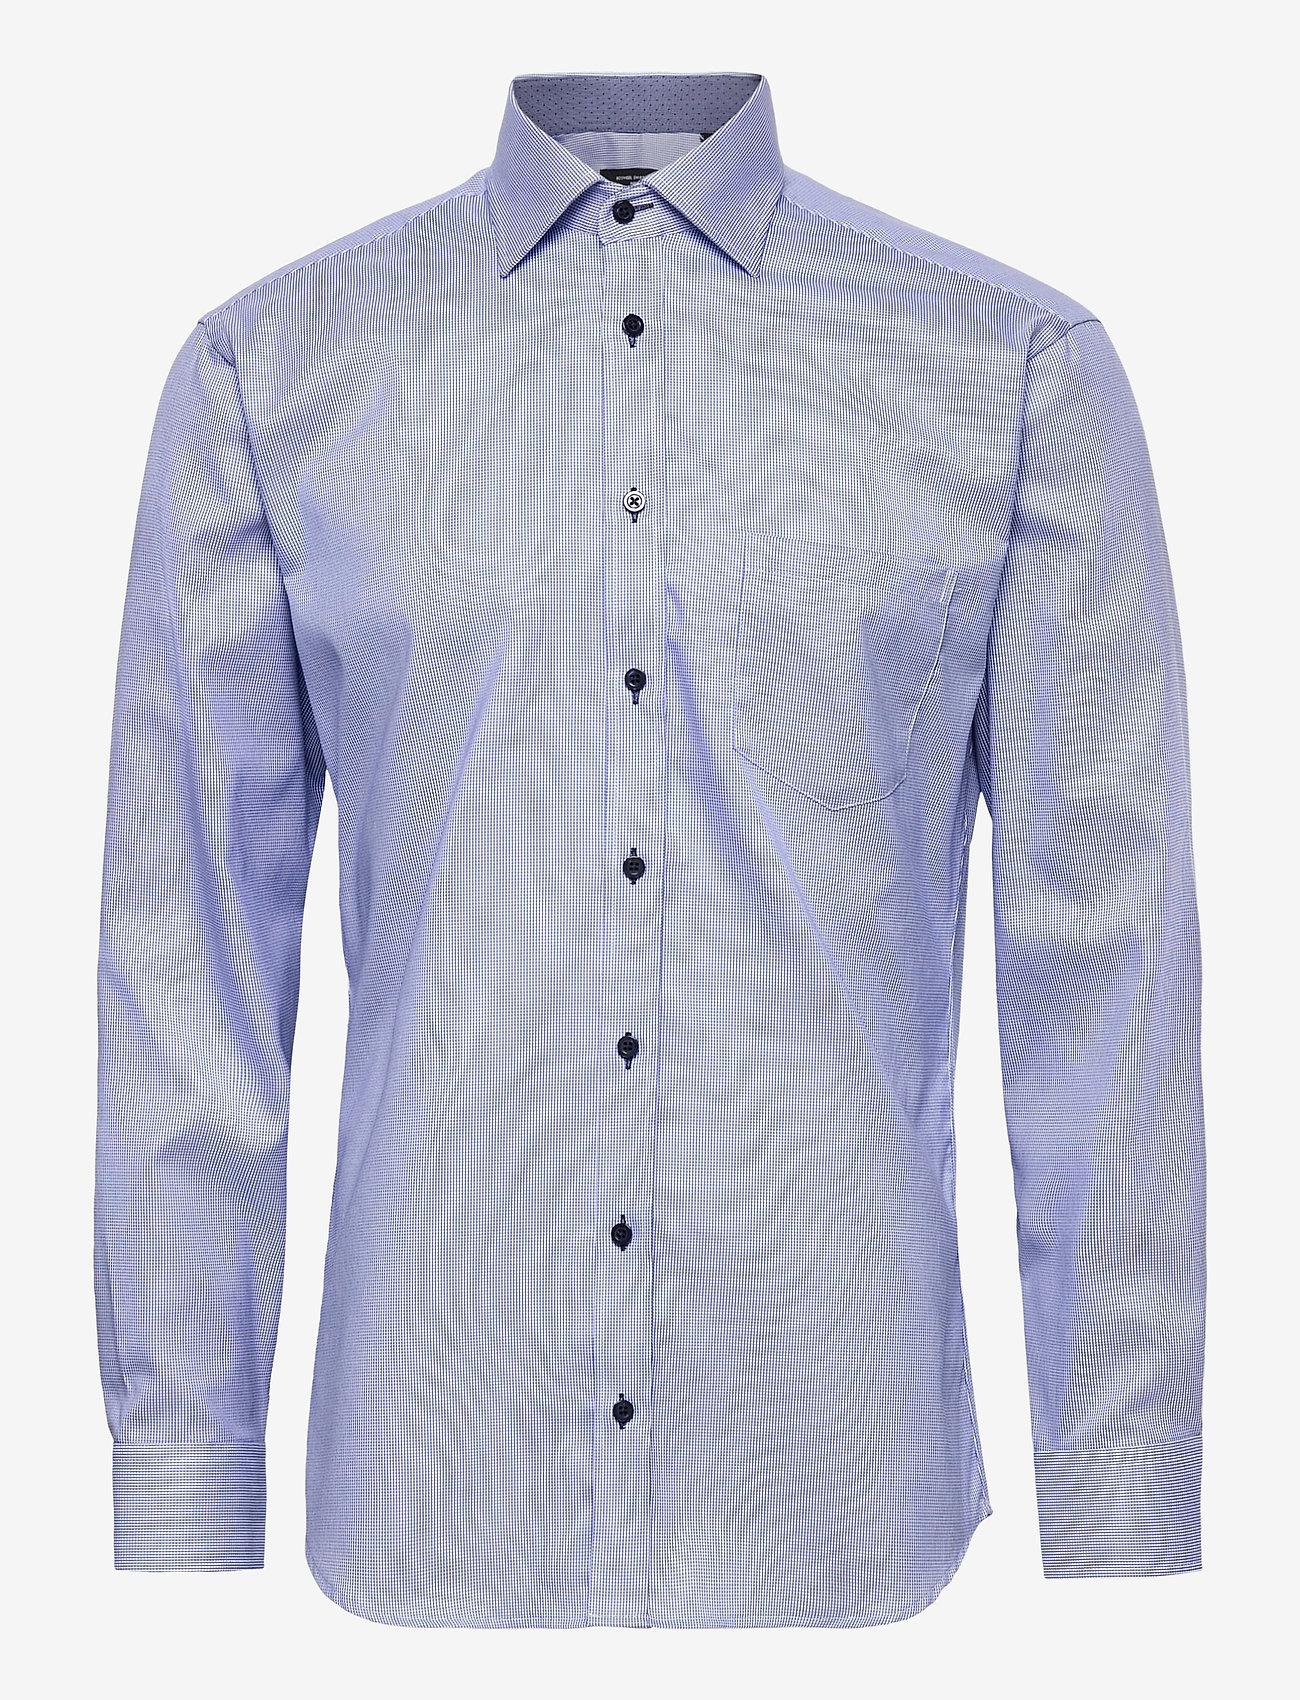 Bosweel Shirts Est. 1937 - Structured - chemises d'affaires - blue - 0